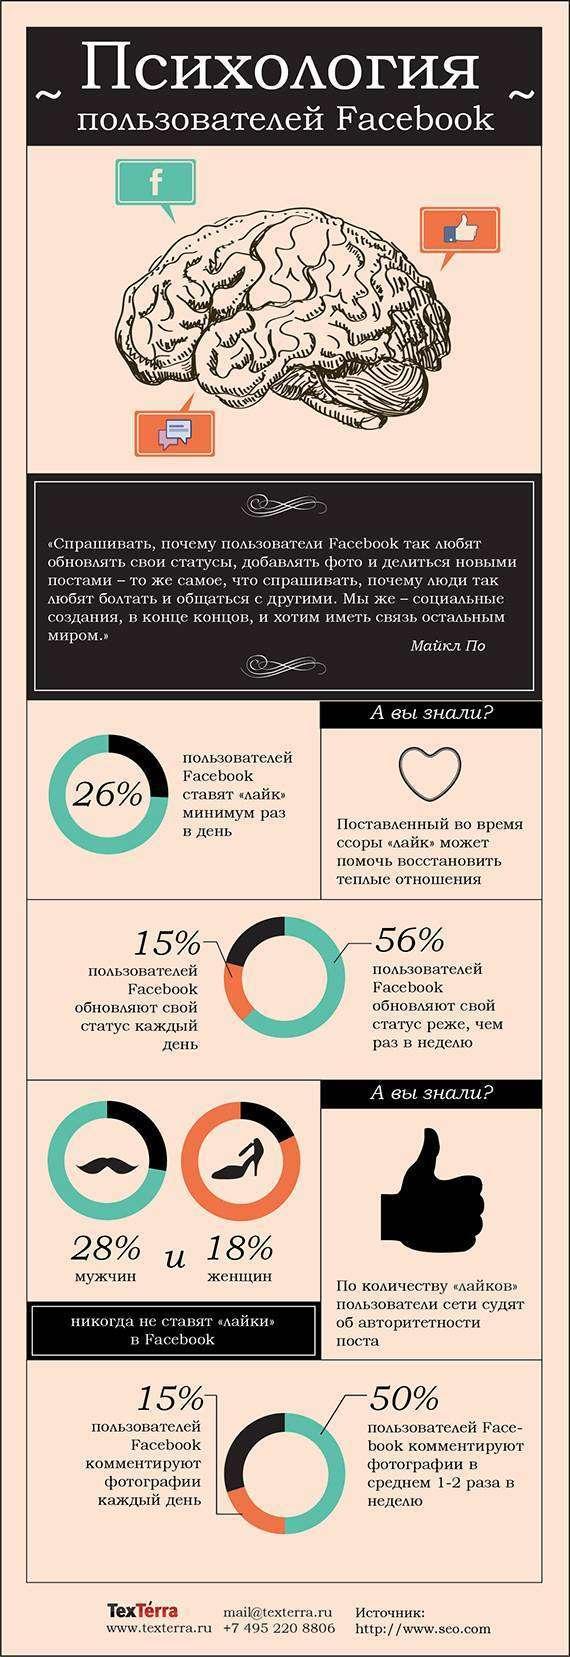 Психологія користувачів Facebook (інфографіка)